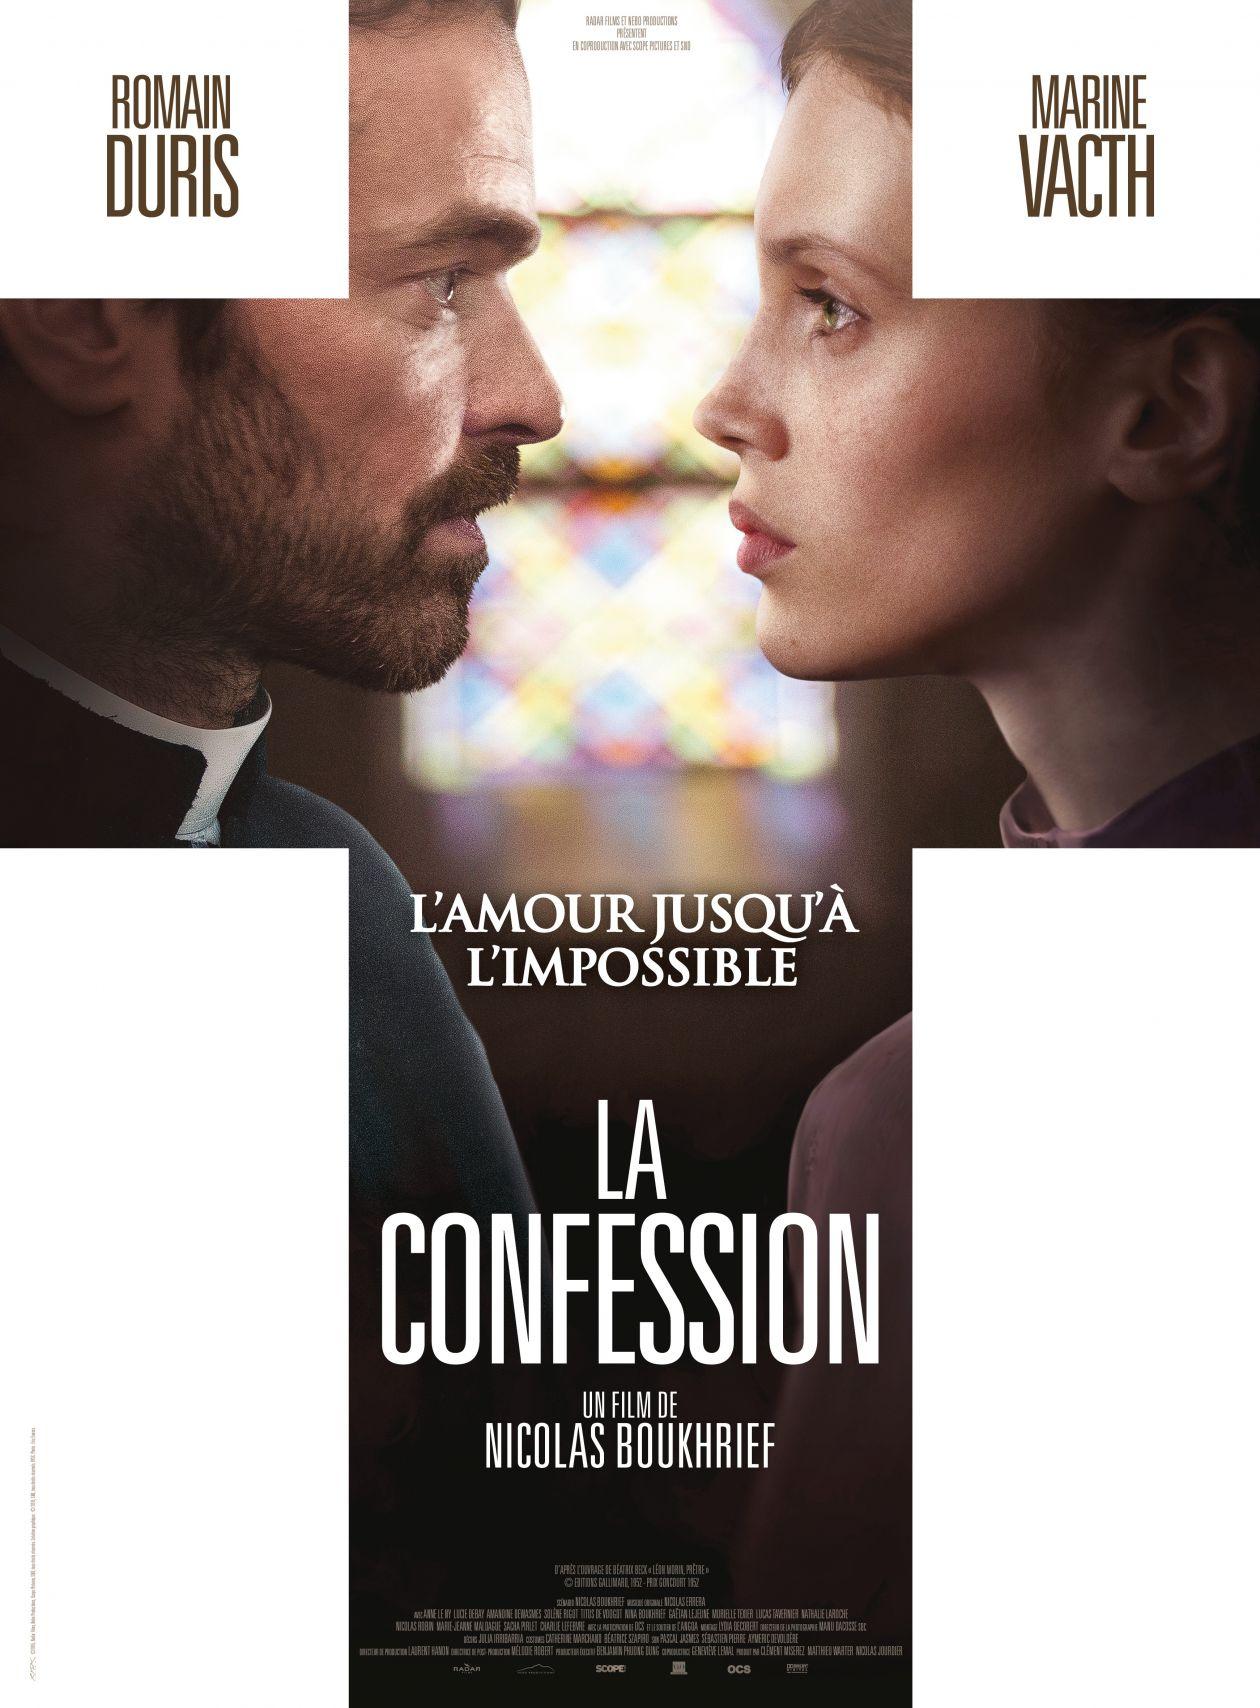 MARINE VACTH actress actrice comédienne 2017 LA CONFESSION (Nicolas Boukhrief, Romain Duris) / Movie Poster / Affiche film